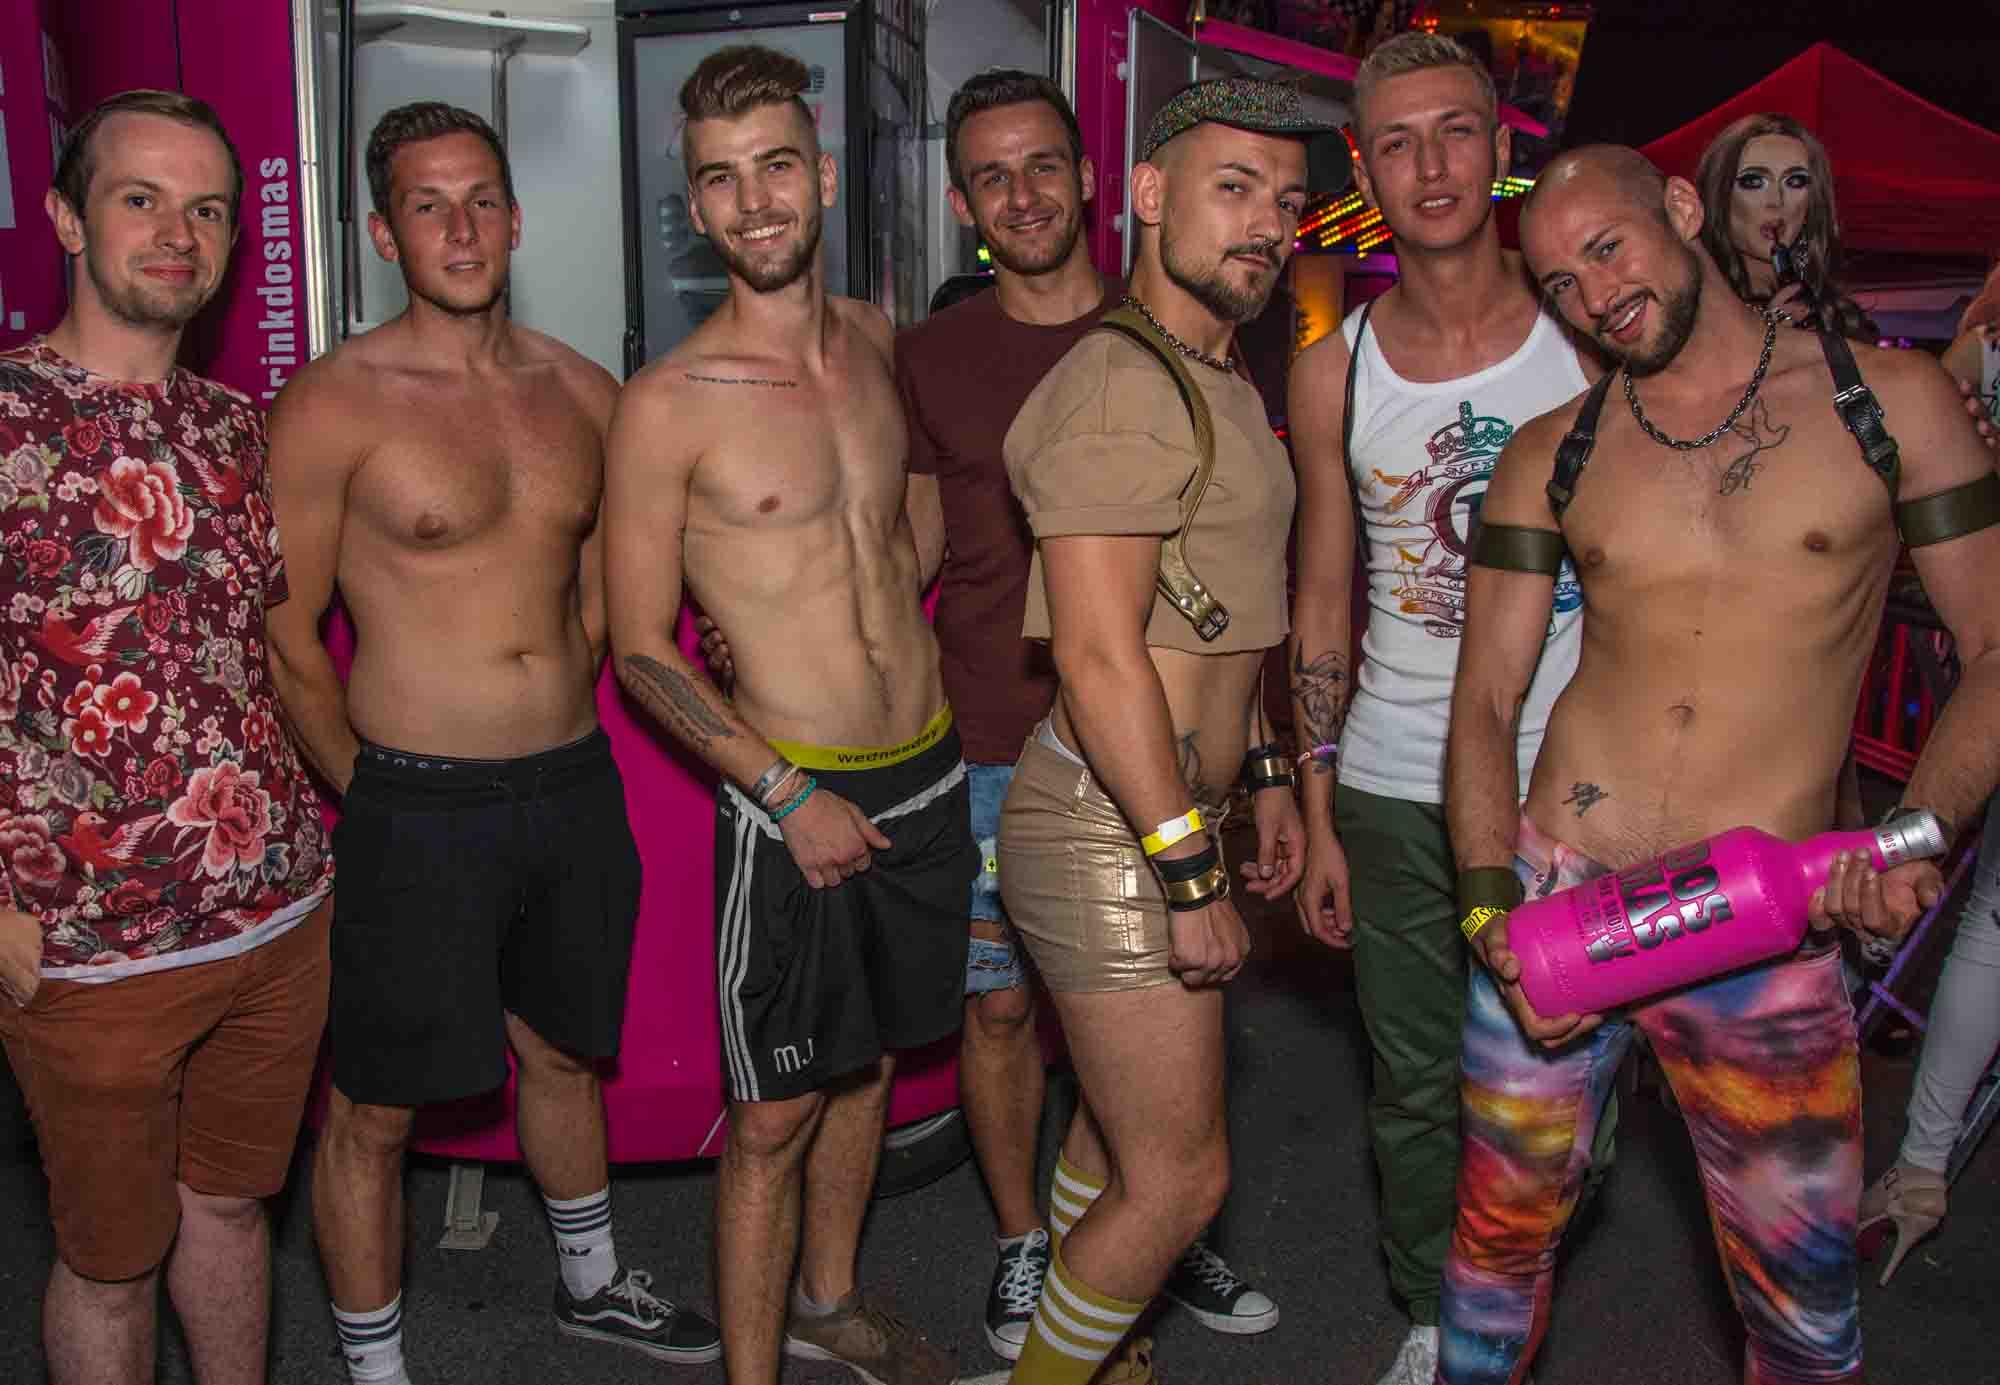 SEXY PRIDE FESTIVAL 2017